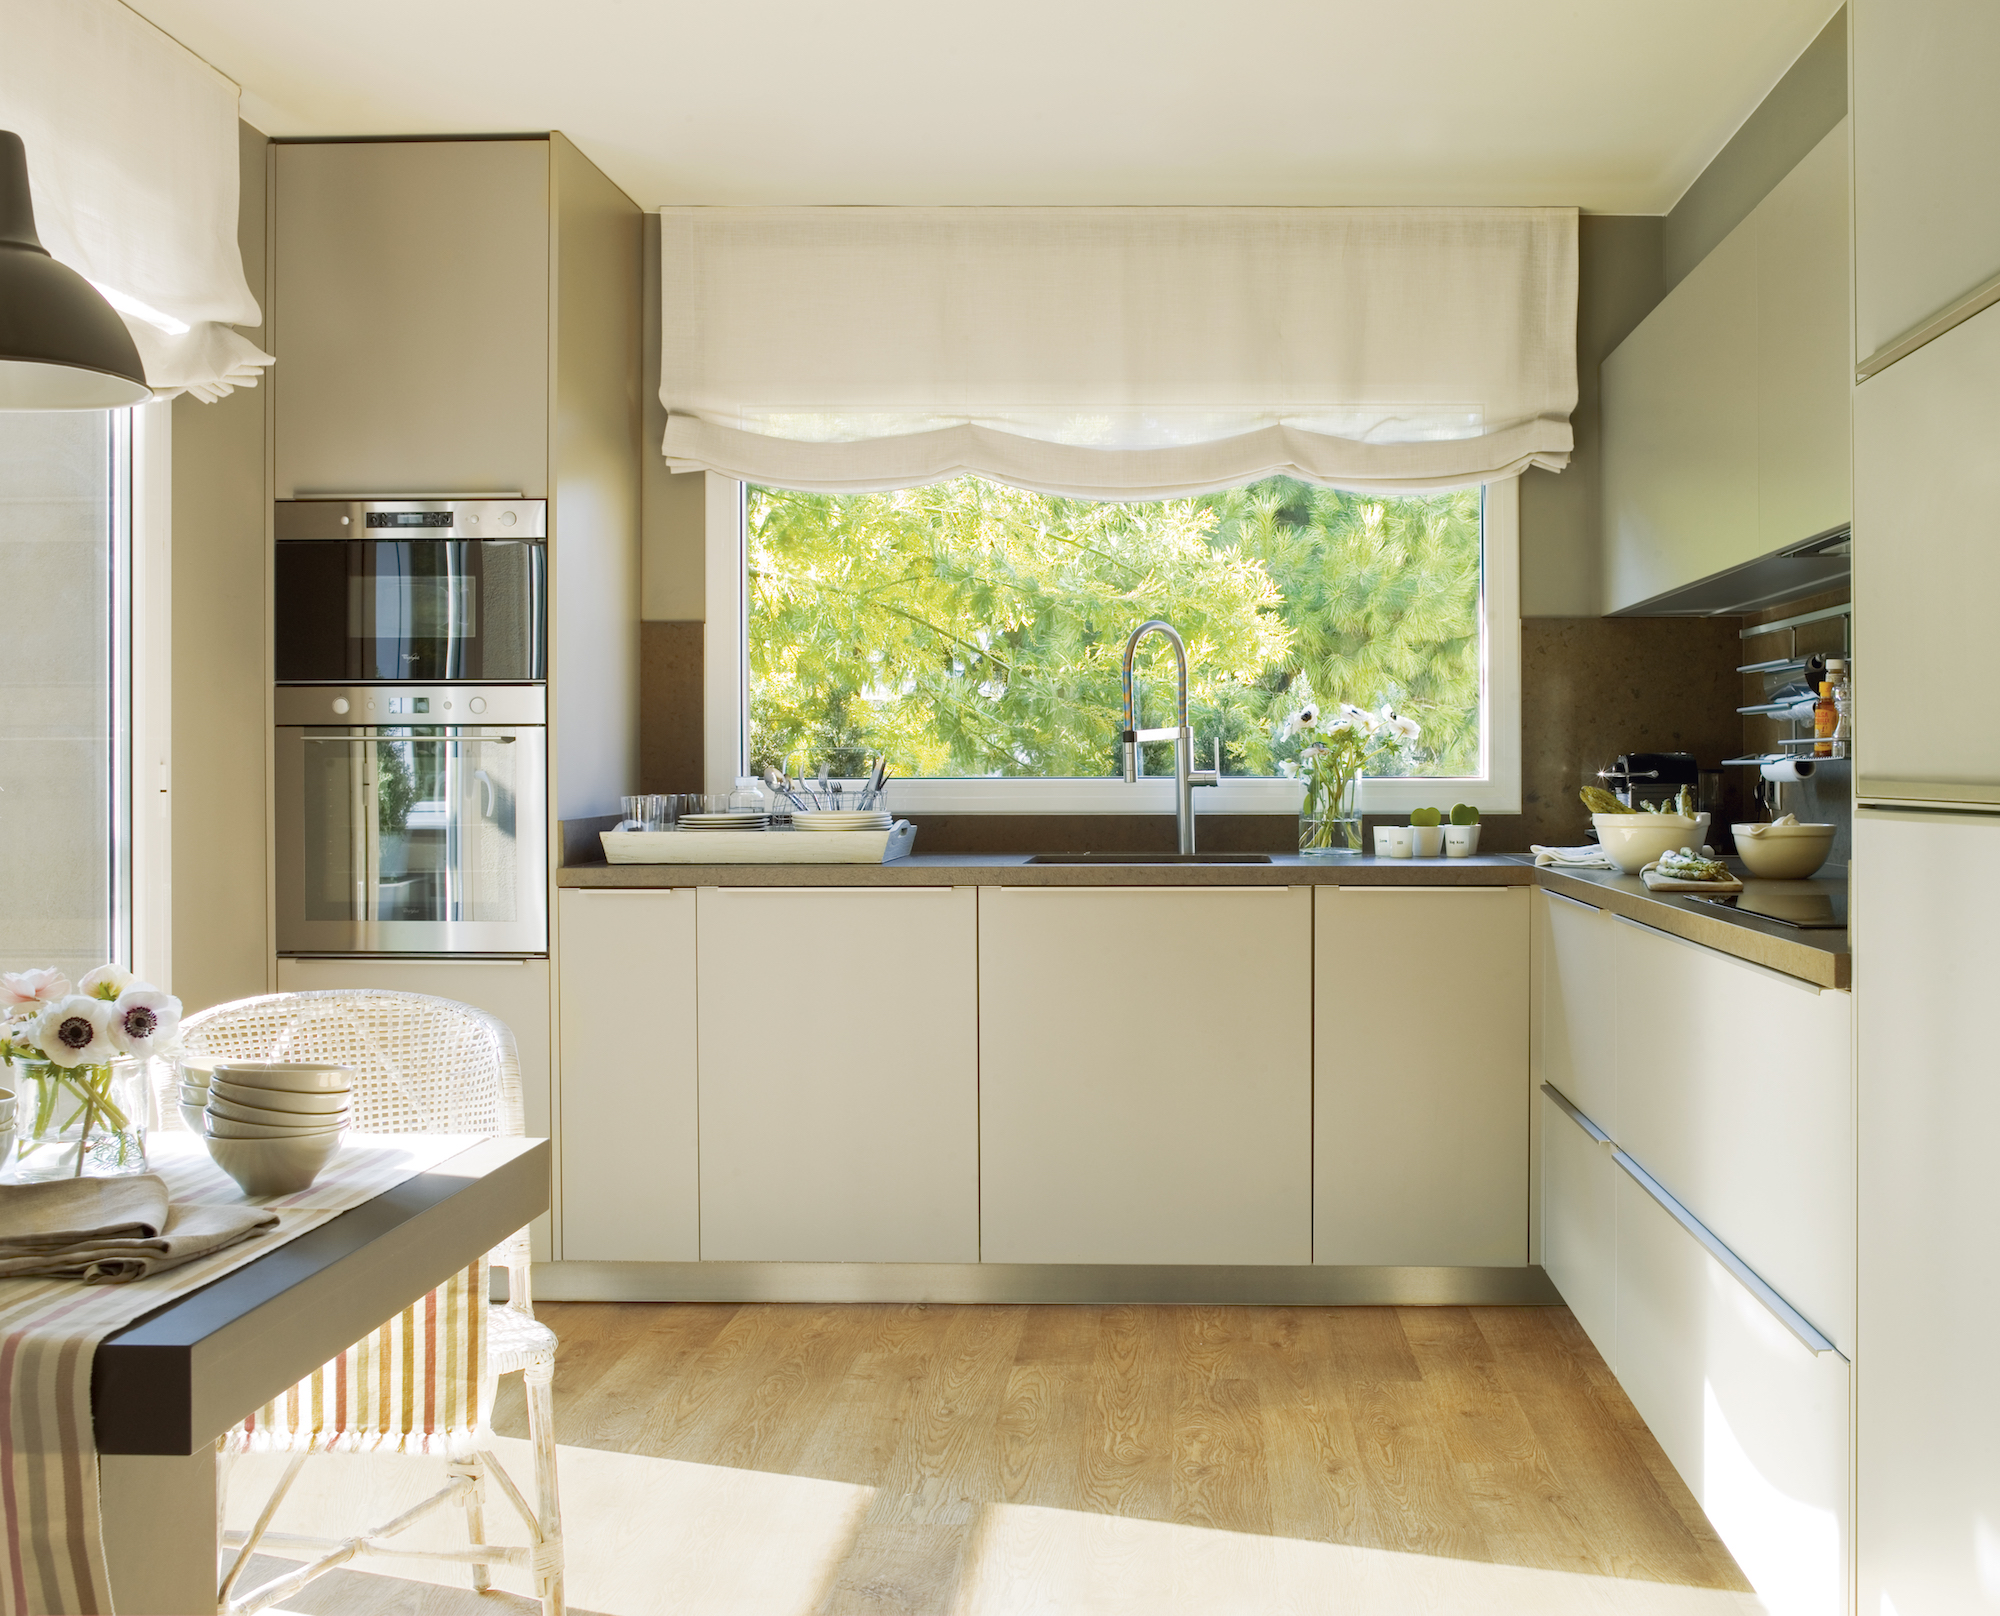 Como planificar una cocina elegant planifica tu cocina with planifica tu cocina with como - Planificar una cocina ...